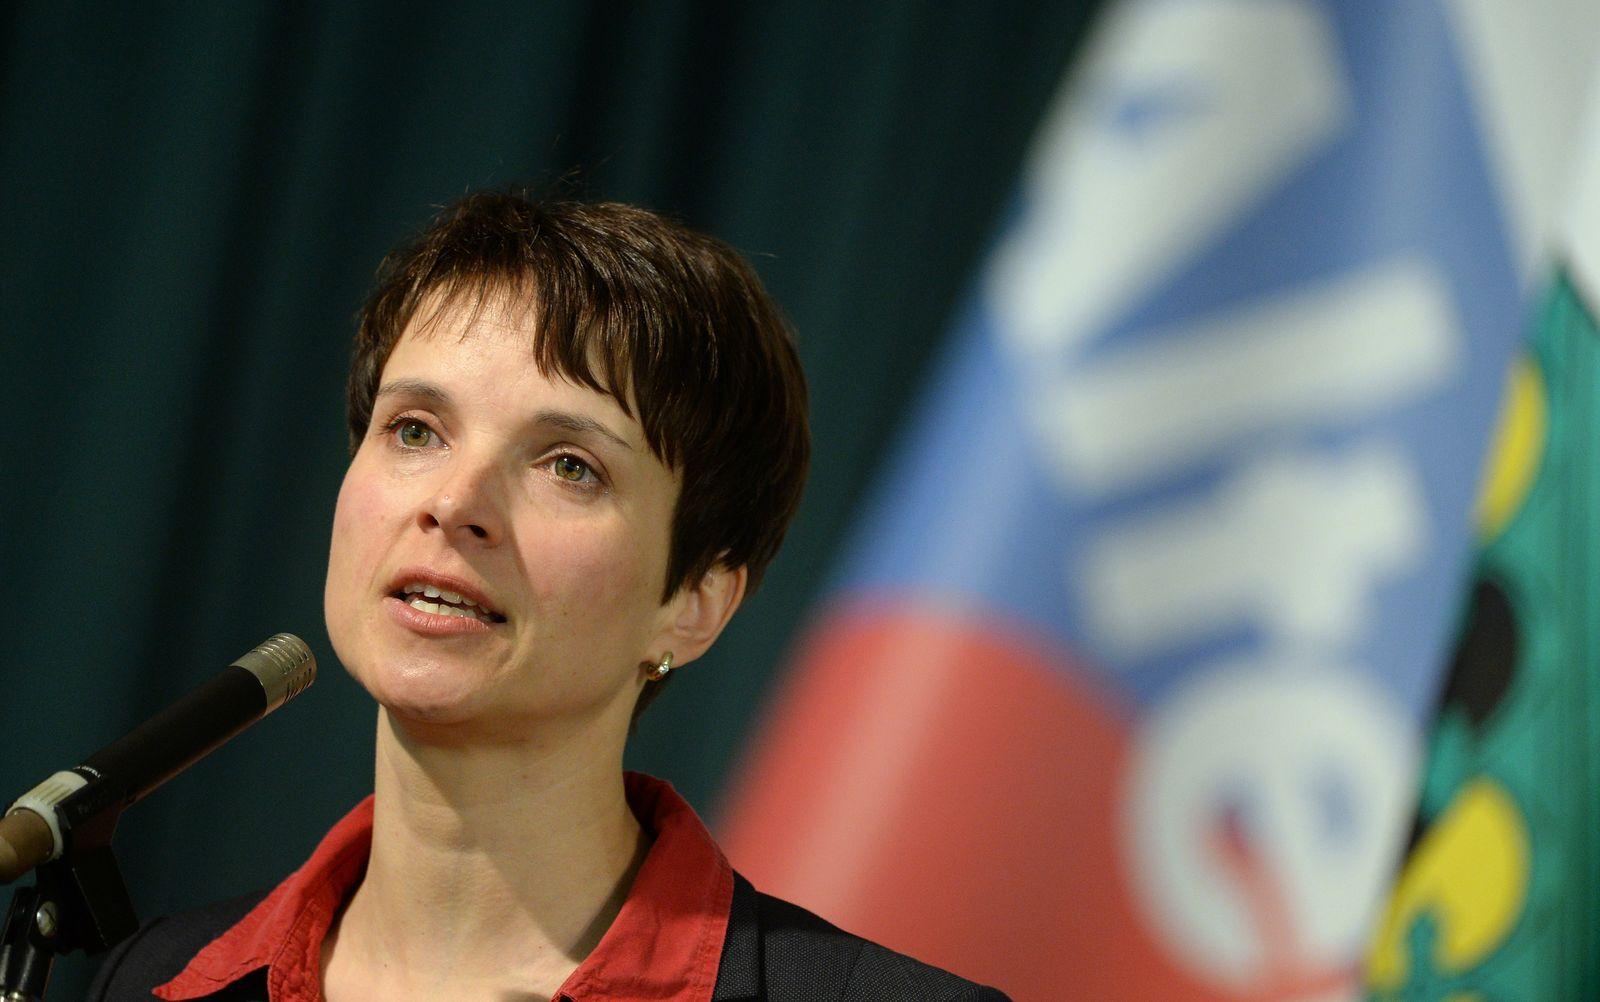 AFD Sachsen/ Wahlkampfauftakt/ Frauke Petry